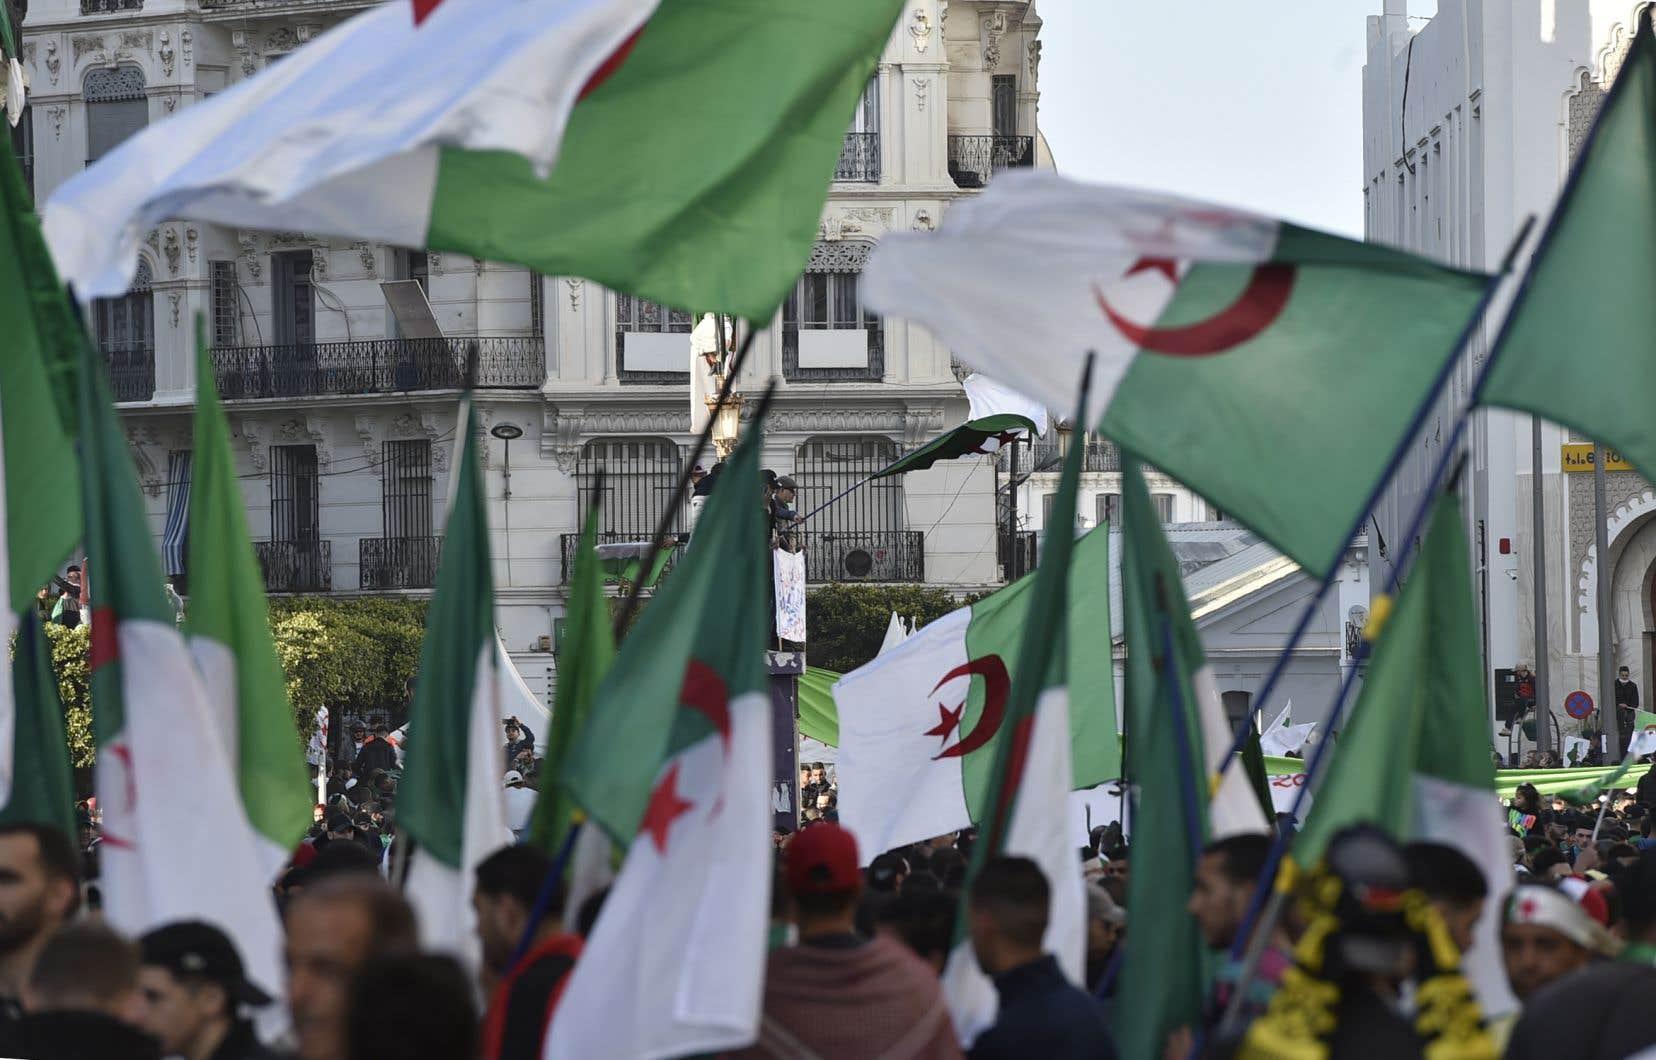 L'élection du 12décembre est rejetée par le mouvement de contestation inédit né fin février et sous la pression duquel M.Bouteflika a été forcé par l'armée à démissionner à deux semaines de la fin de son quatrième quinquennat.